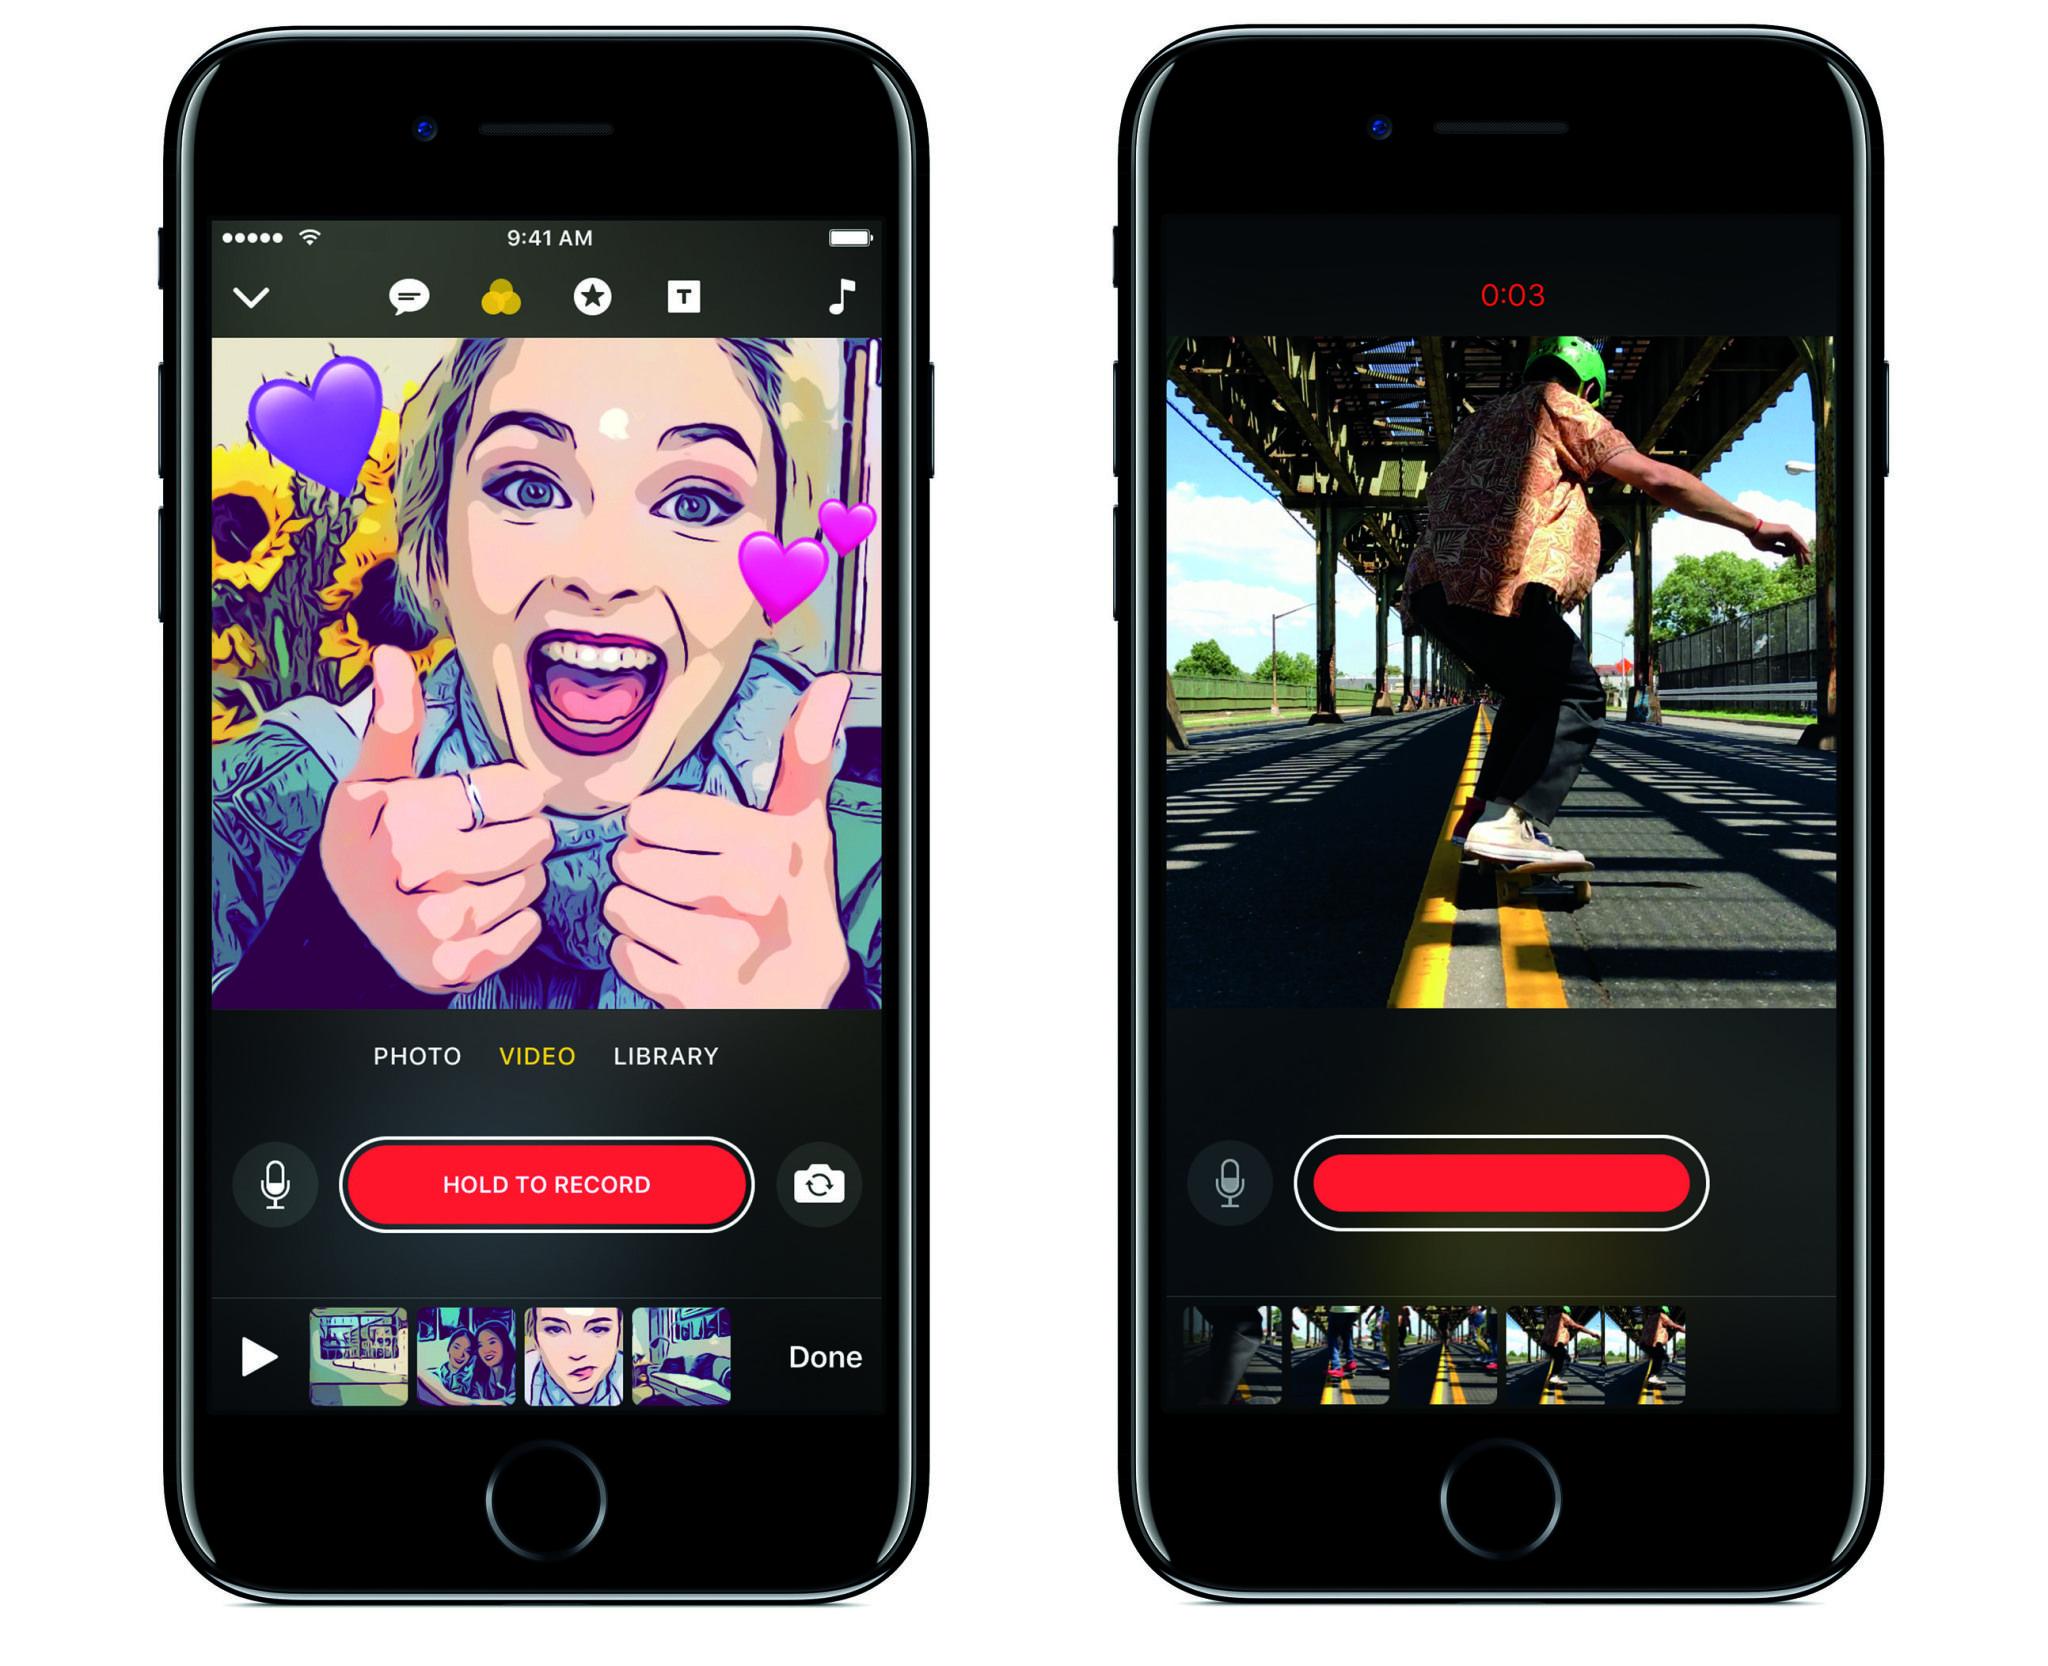 приложение на айфон для объединения фото них можете видеть